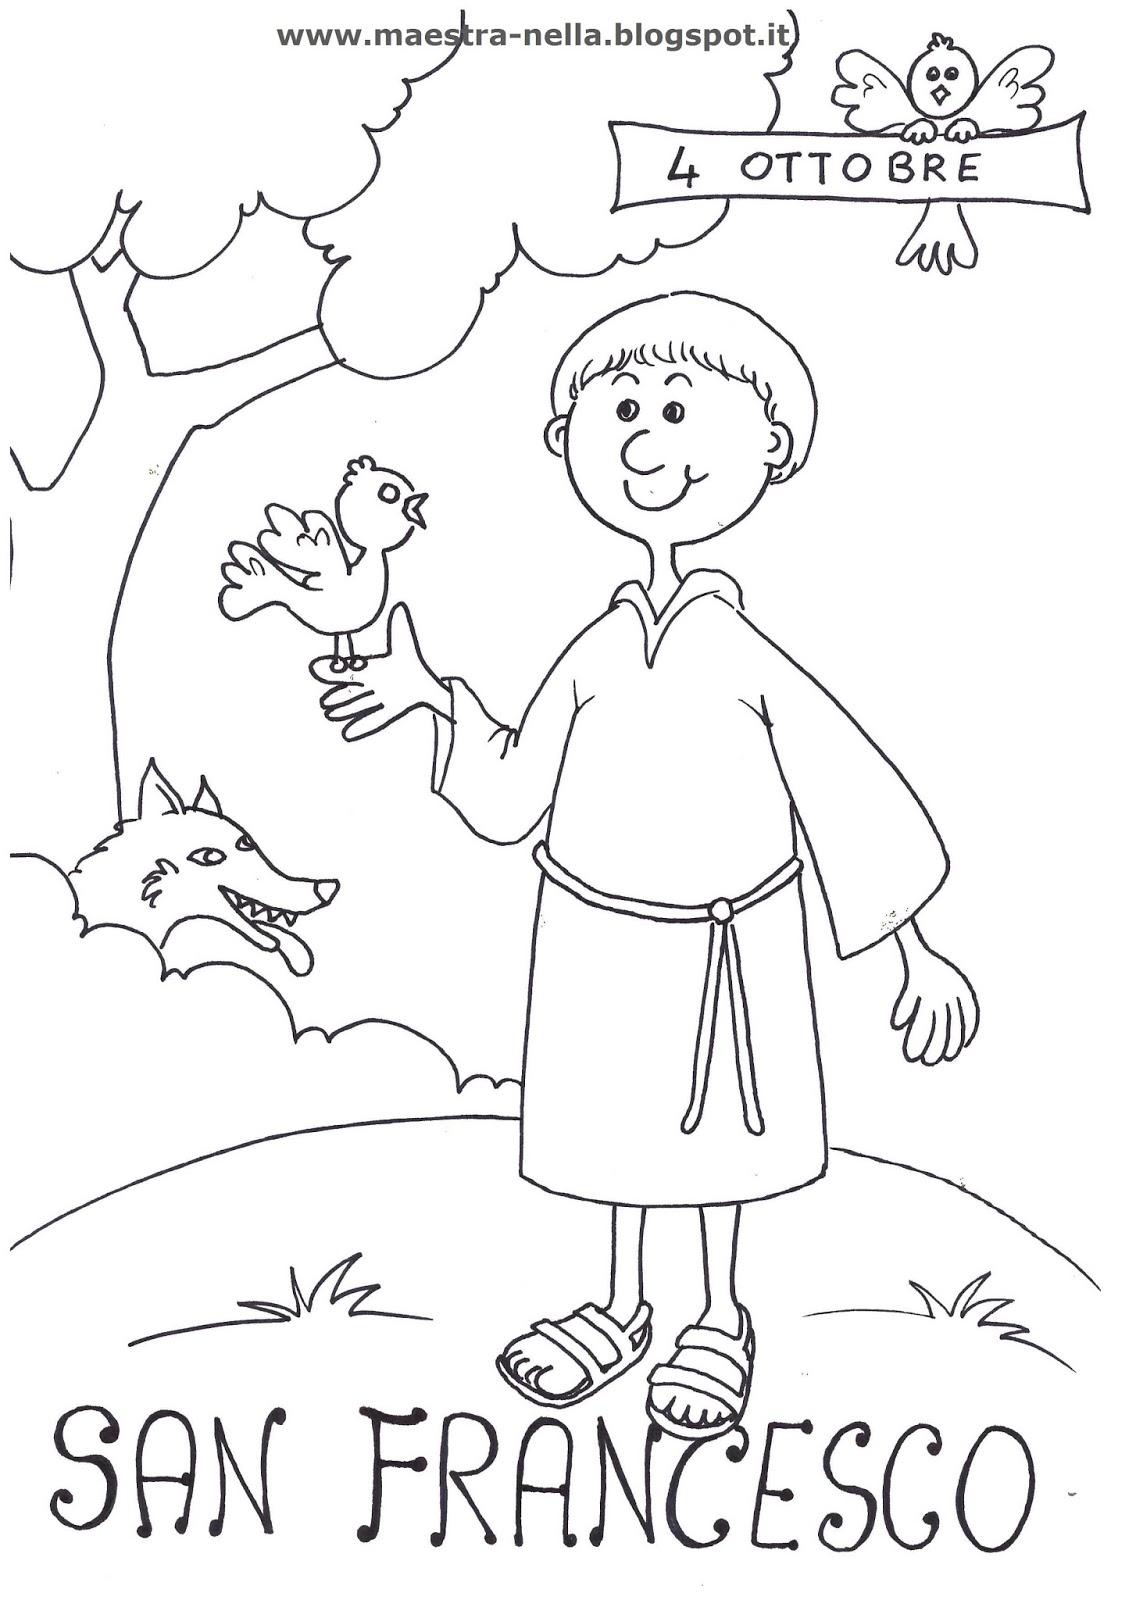 Eccezionale maestra Nella: San Francesco d'Assisi - 4 ottobre WR68